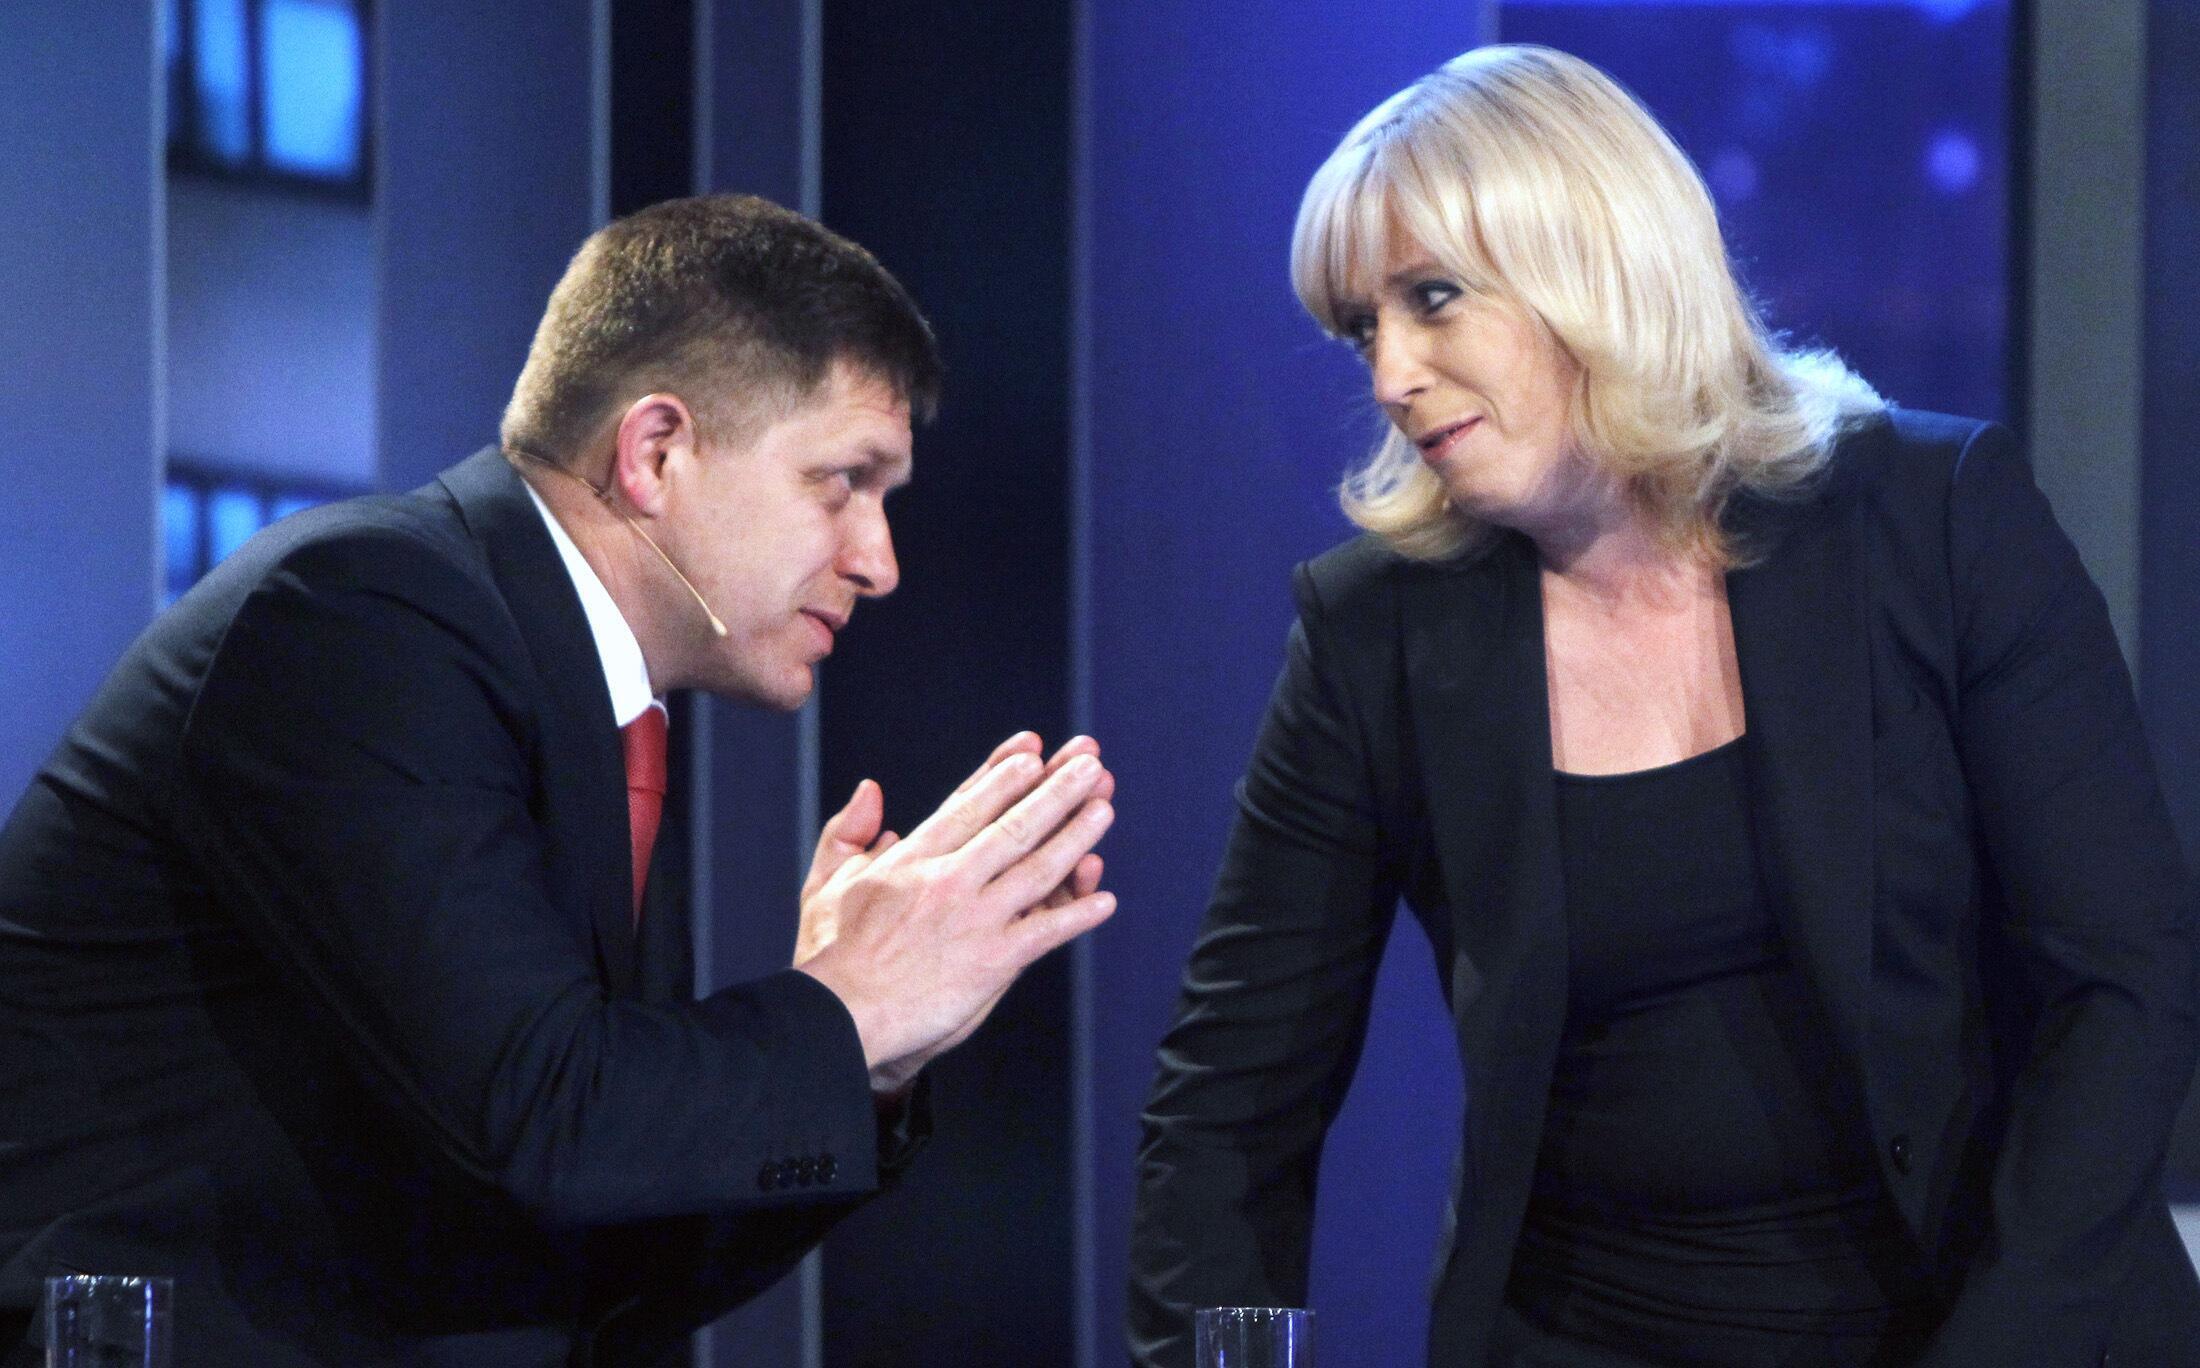 Лидер социал-демократов, премьер-министр Роберт Фицо и Ивета Радичова, возможный претендент на пост главы правительства Словакии